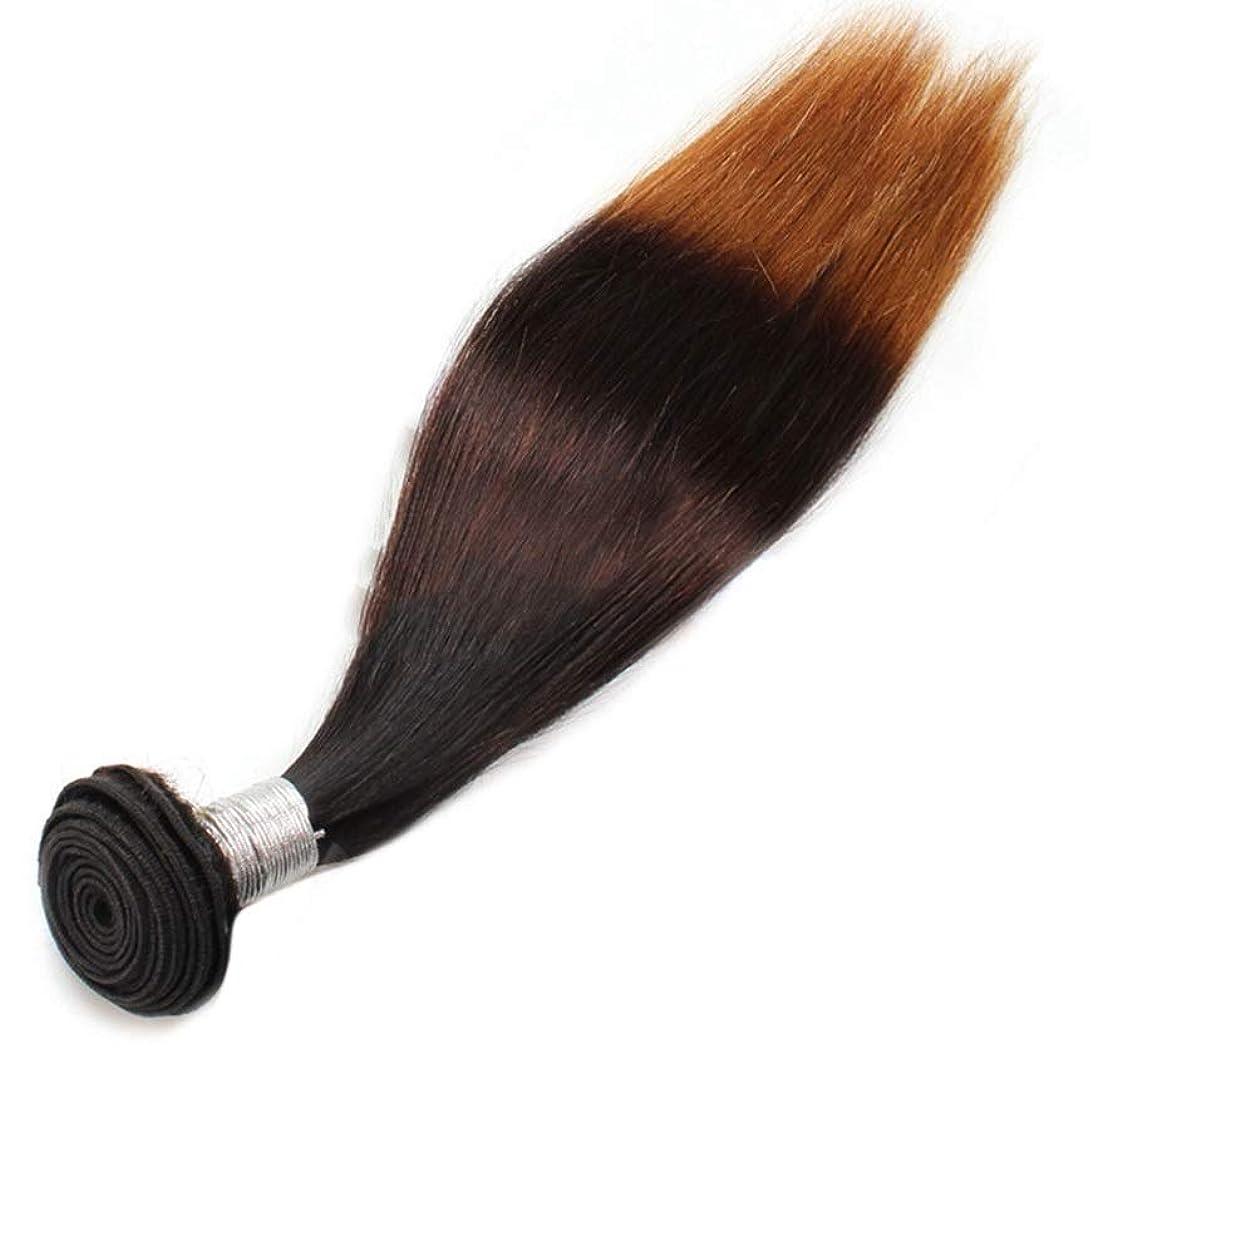 十二舗装する否定するHOHYLLYA 9Aブラジルの髪の束の変態カーリー人間の髪の毛の拡張子 - T1B / 4/27 3トーンカラーロールプレイングかつら女性のかつら (色 : ブラウン, サイズ : 22 inch)